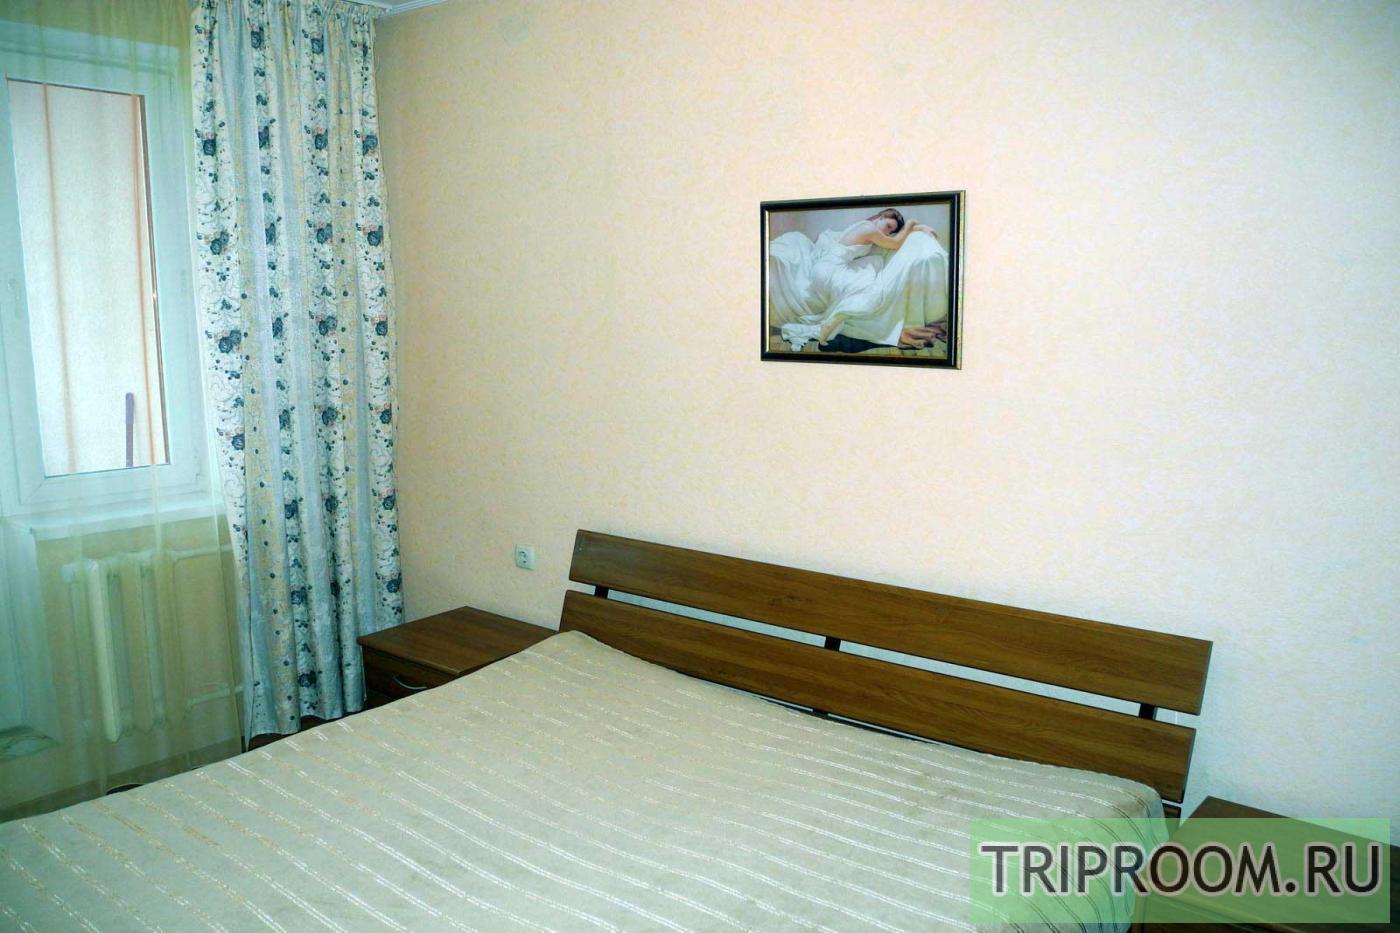 3-комнатная квартира посуточно (вариант № 9669), ул. Кольцовская улица, фото № 6